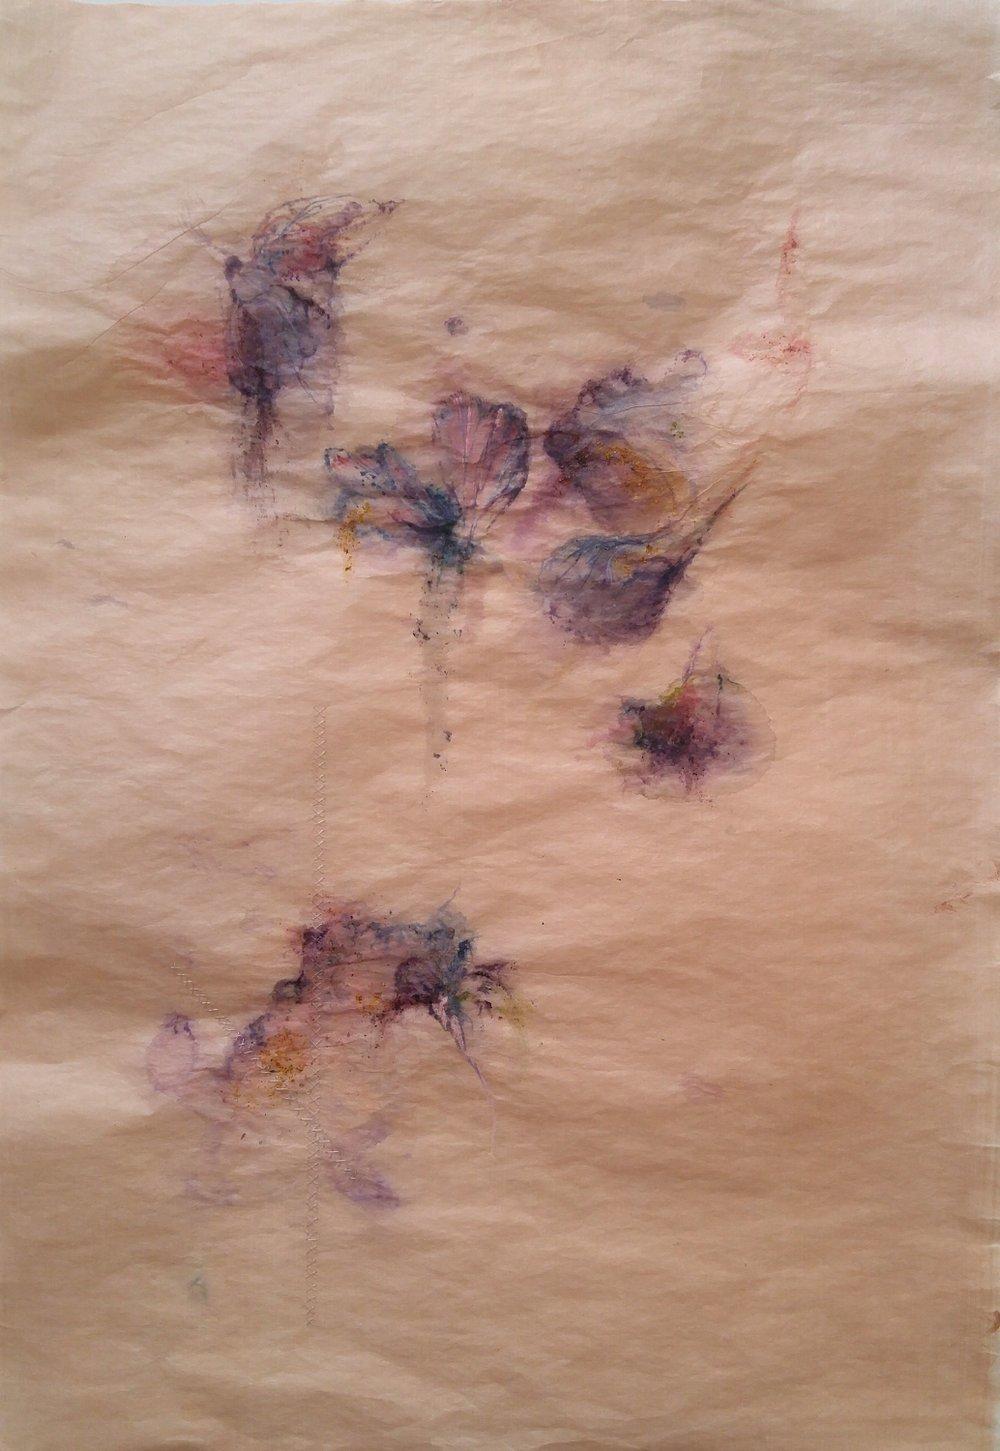 Tender Bruise 2